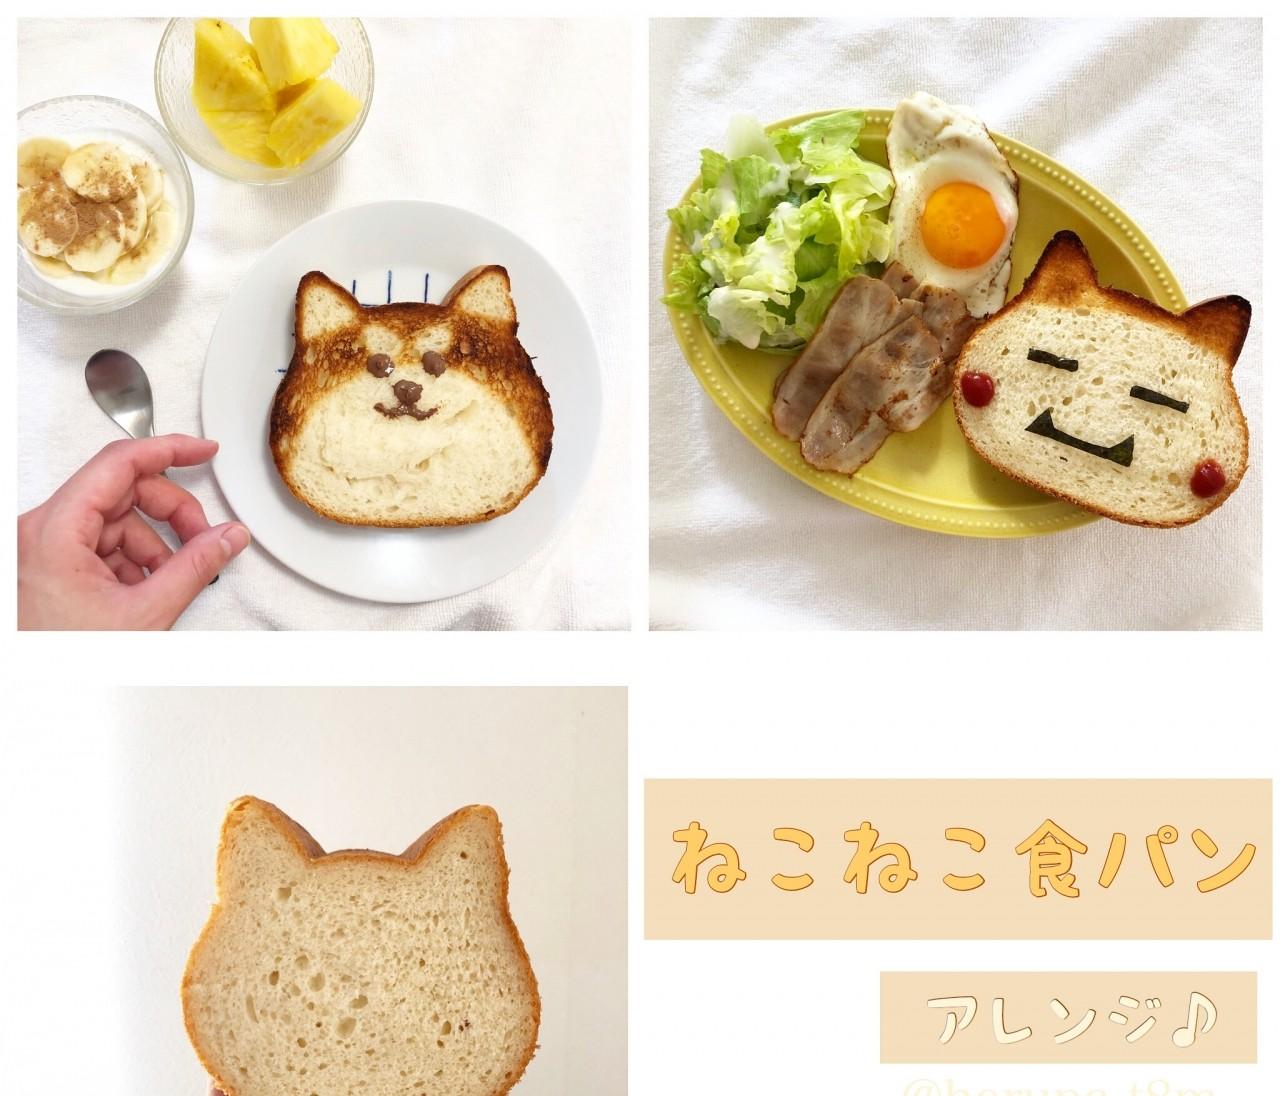 人気のねこねこ食パンをアレンジしてみた♡